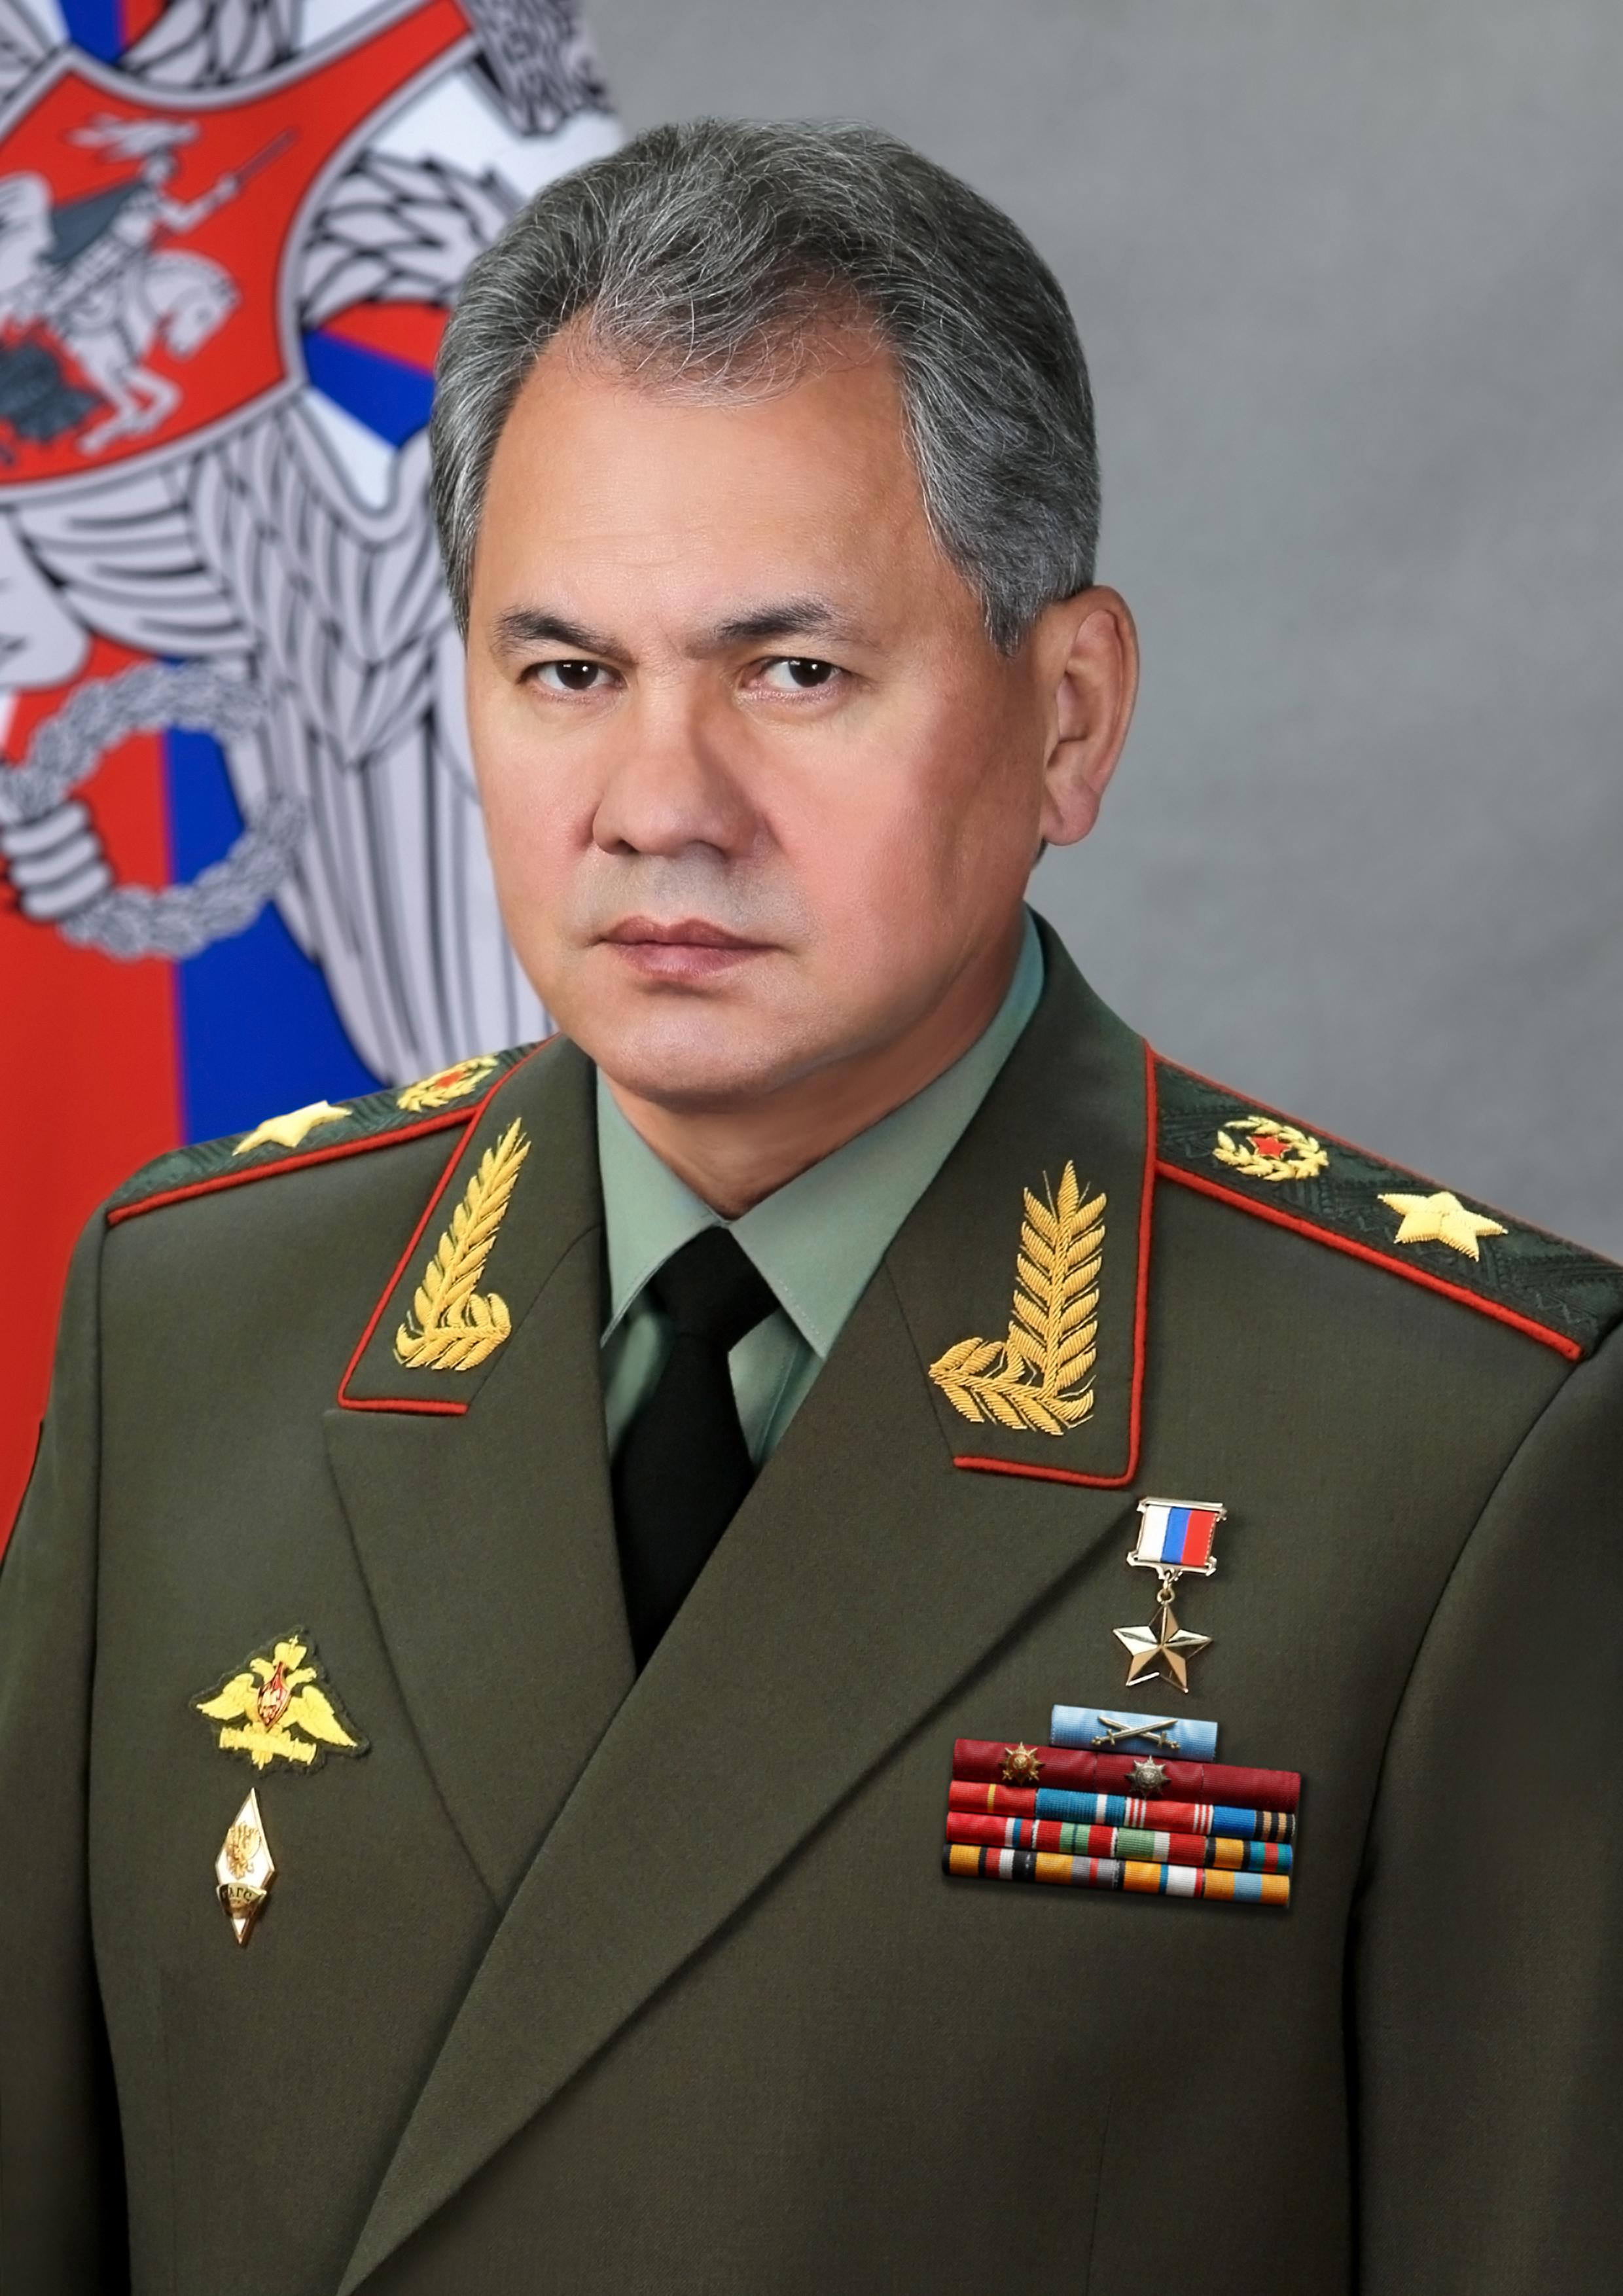 Статья 8 3 Гражданского Кодекса РФ и комментарий к ней